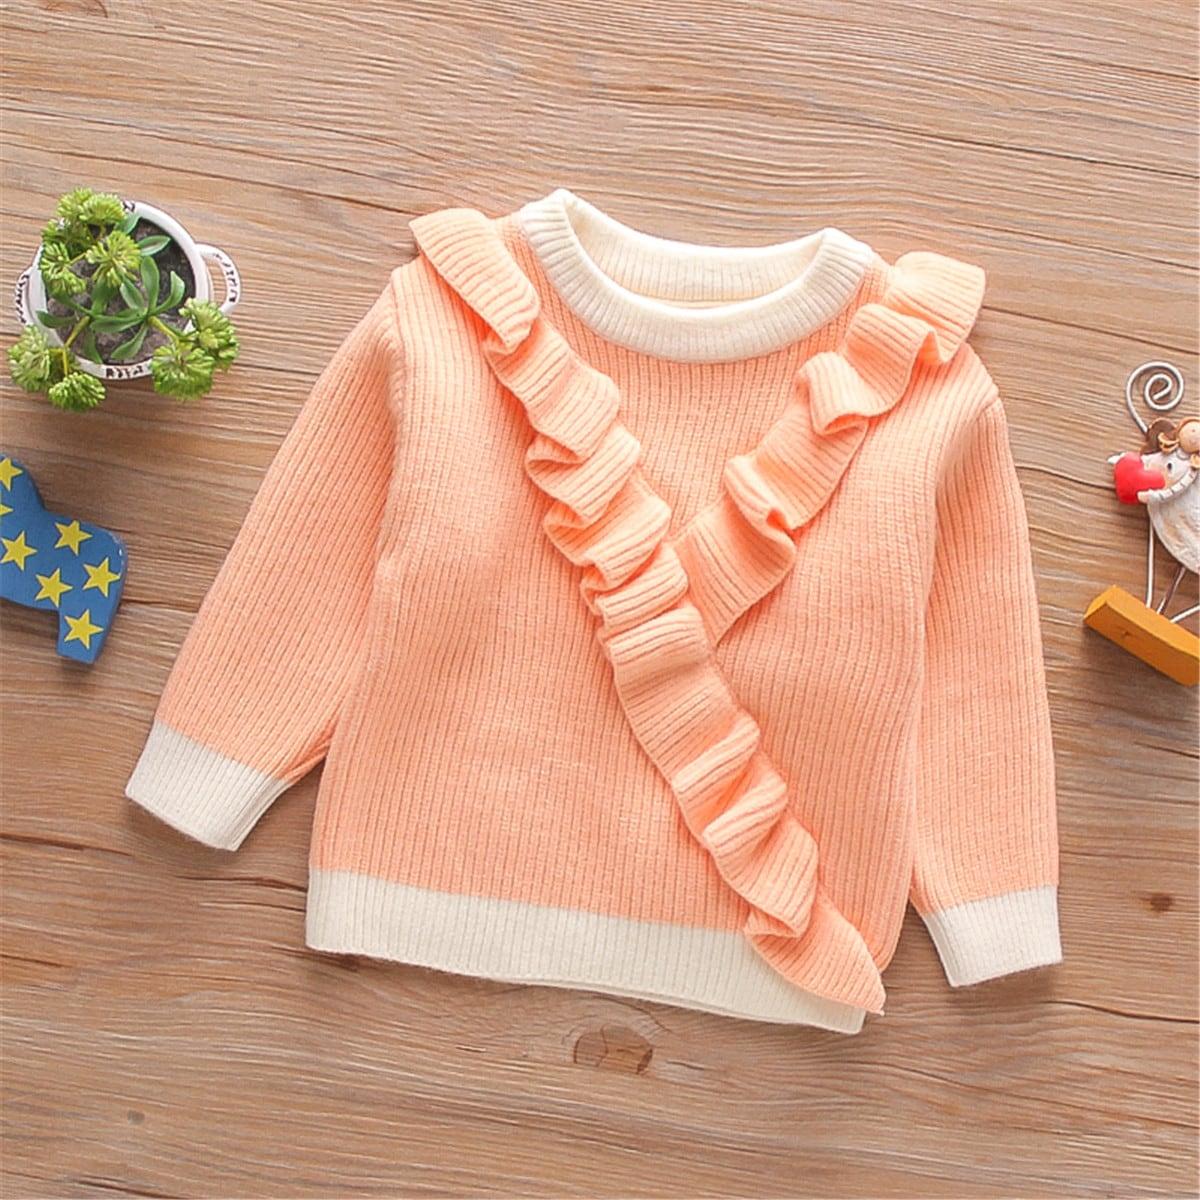 С оборками контрастный цвет повседневный свитеры для девочек